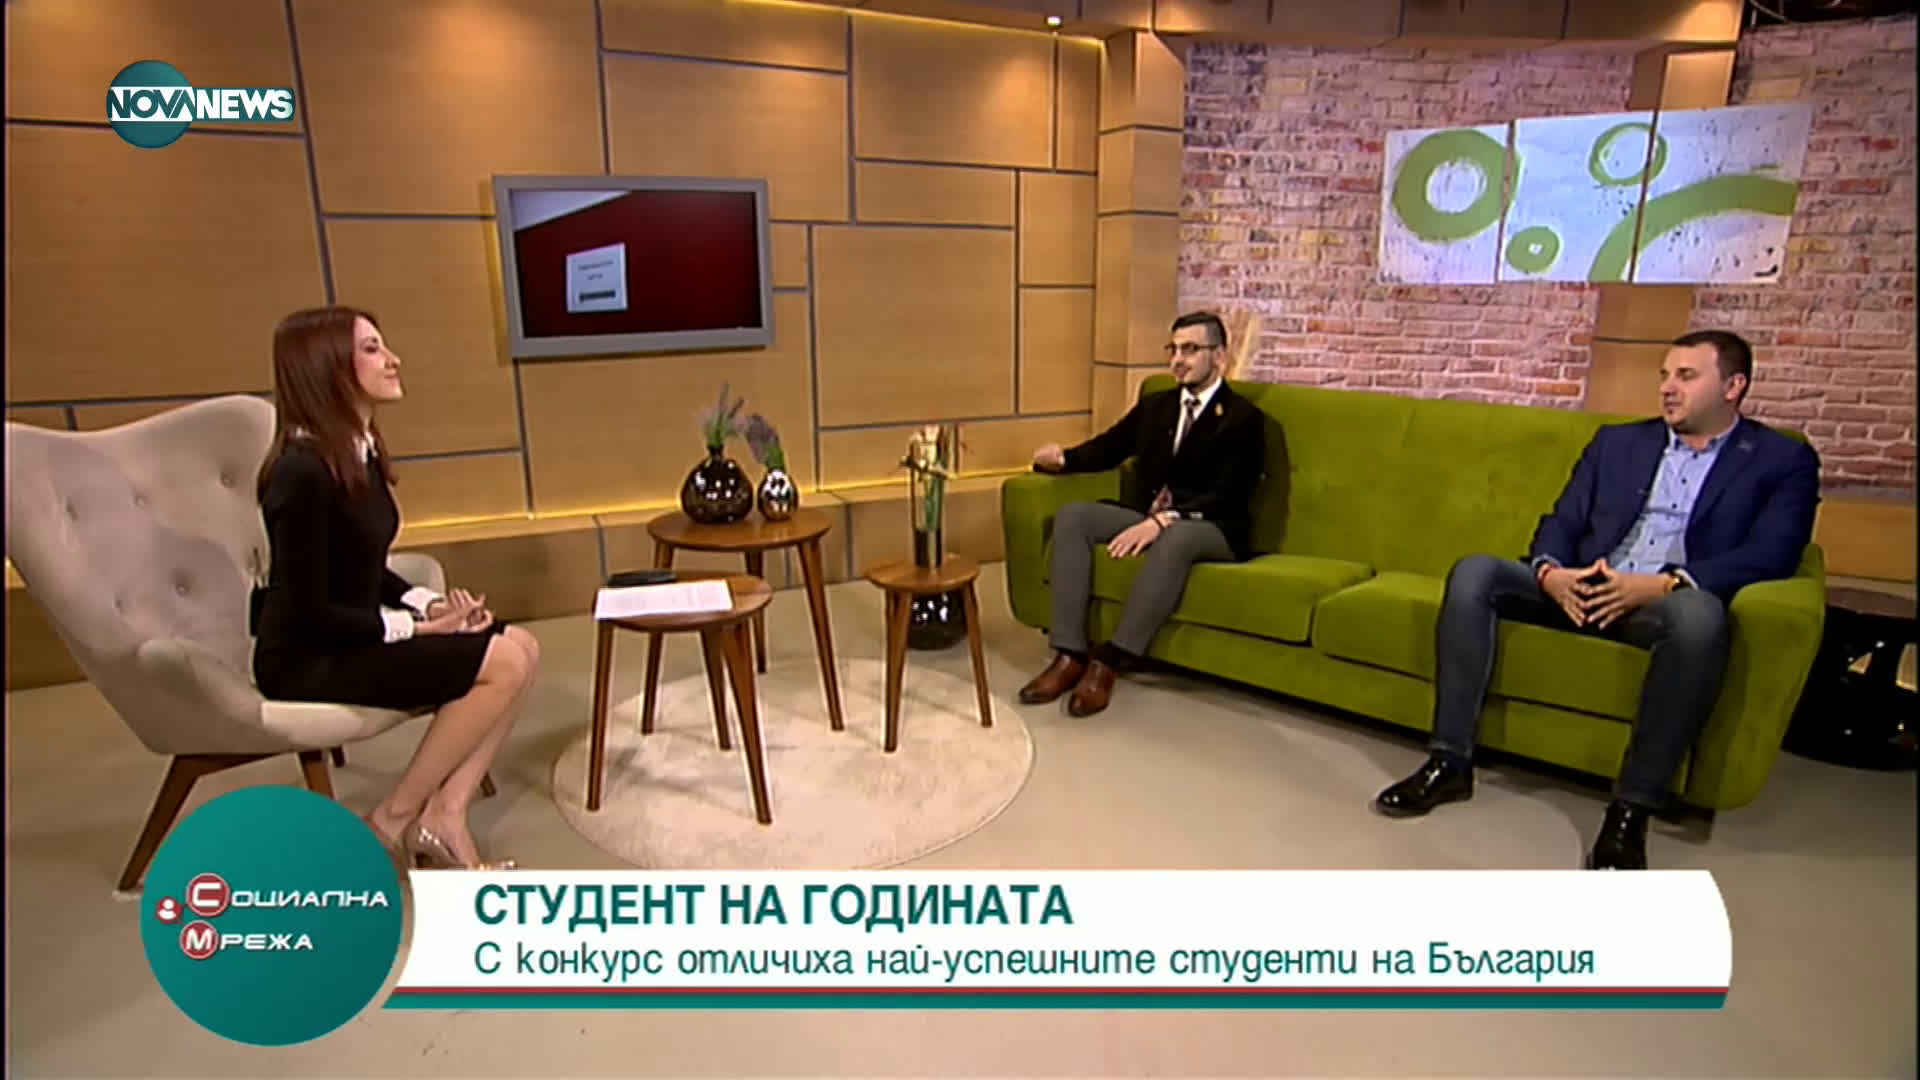 Диян Ганев от Медицински университет - София е студент на годината